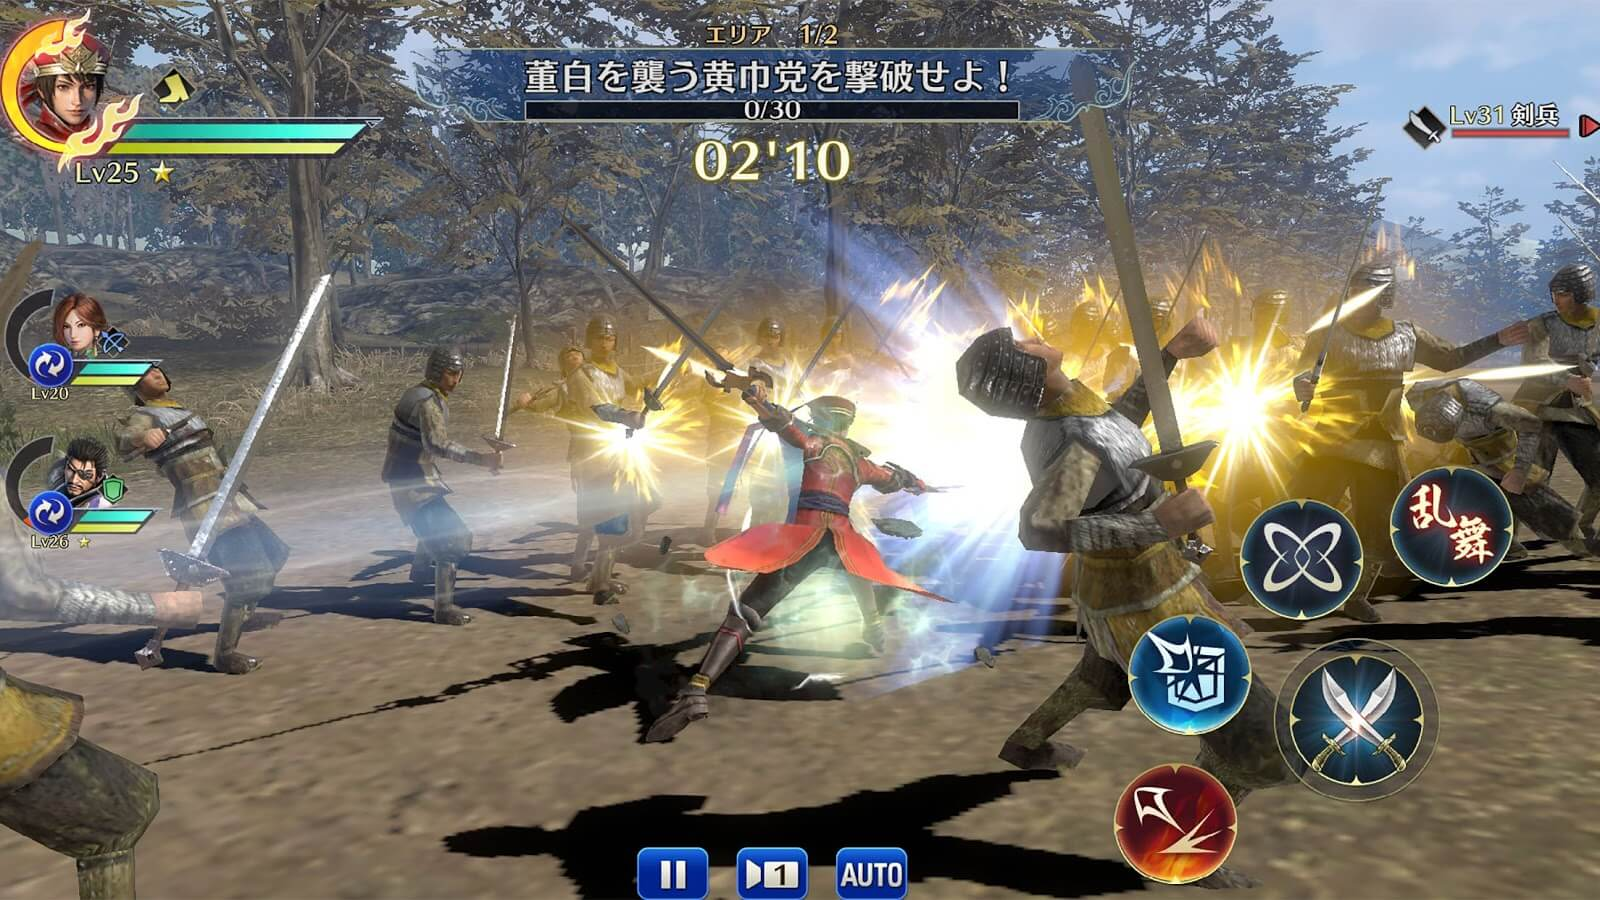 Shin Sangoku Musou - Pre-Registration gameplay